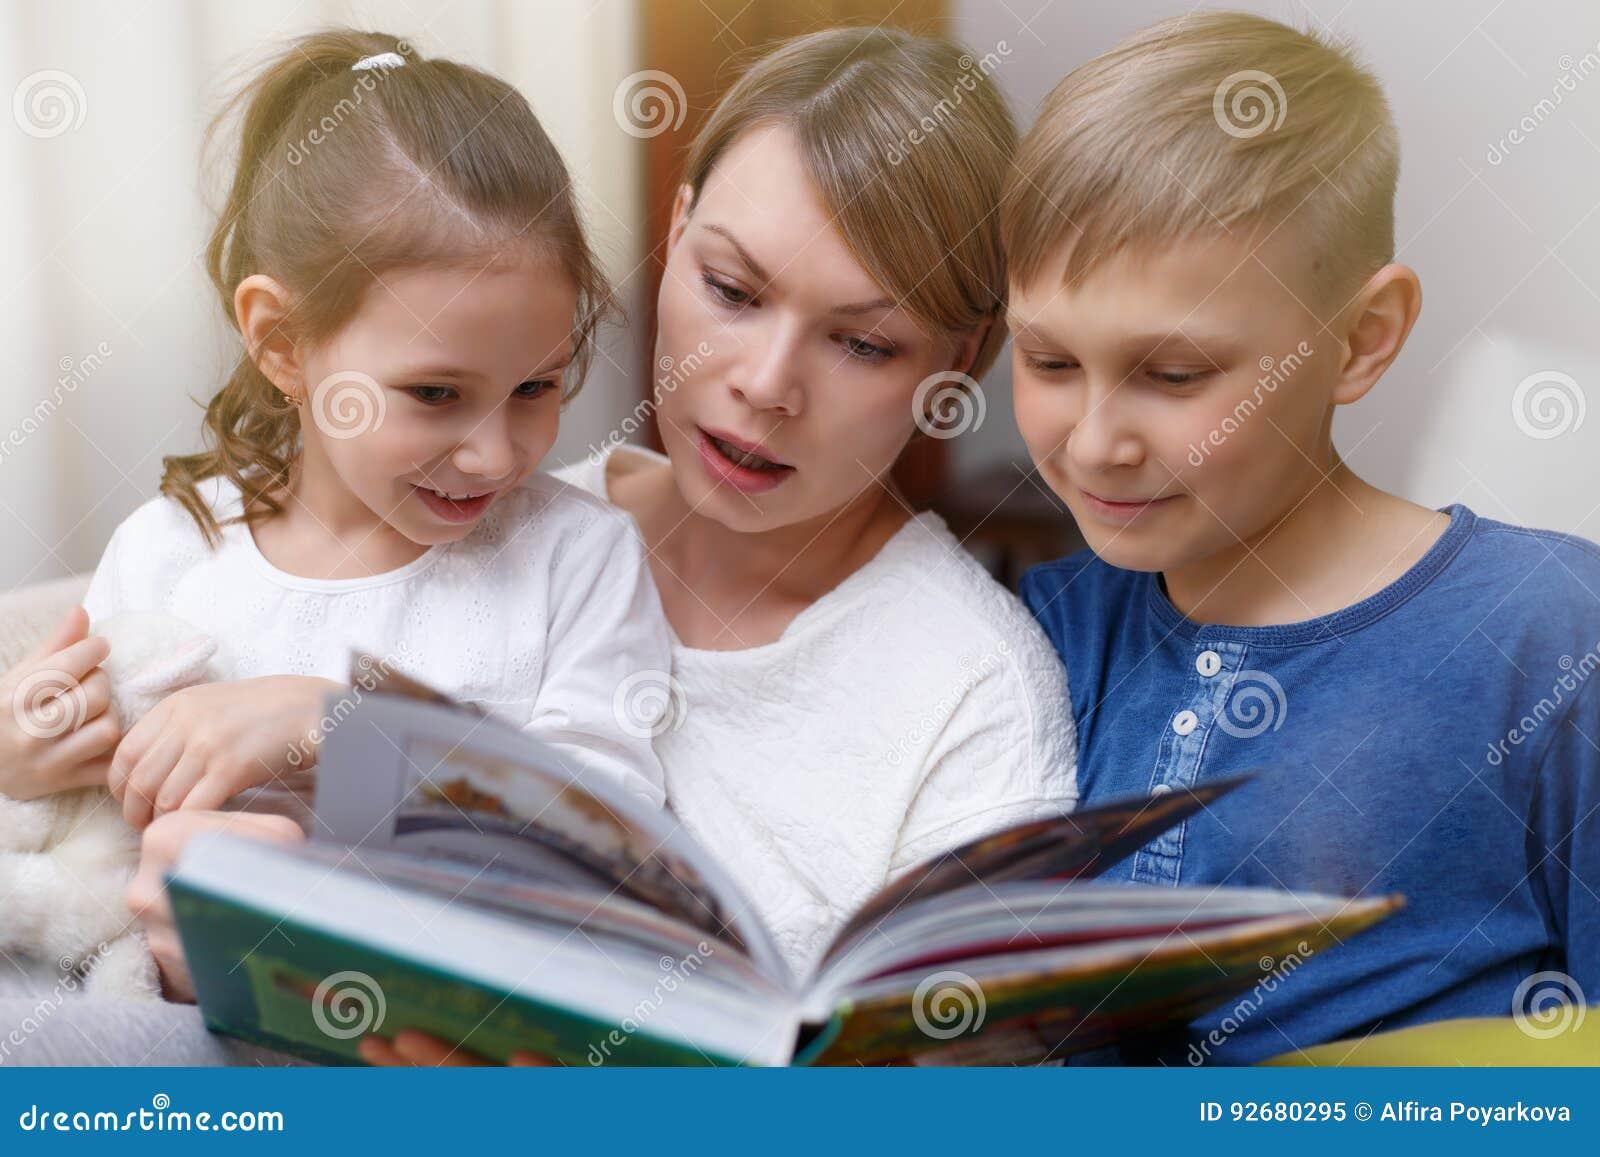 美丽的母亲读一本书给她的幼儿 姐妹和兄弟听故事